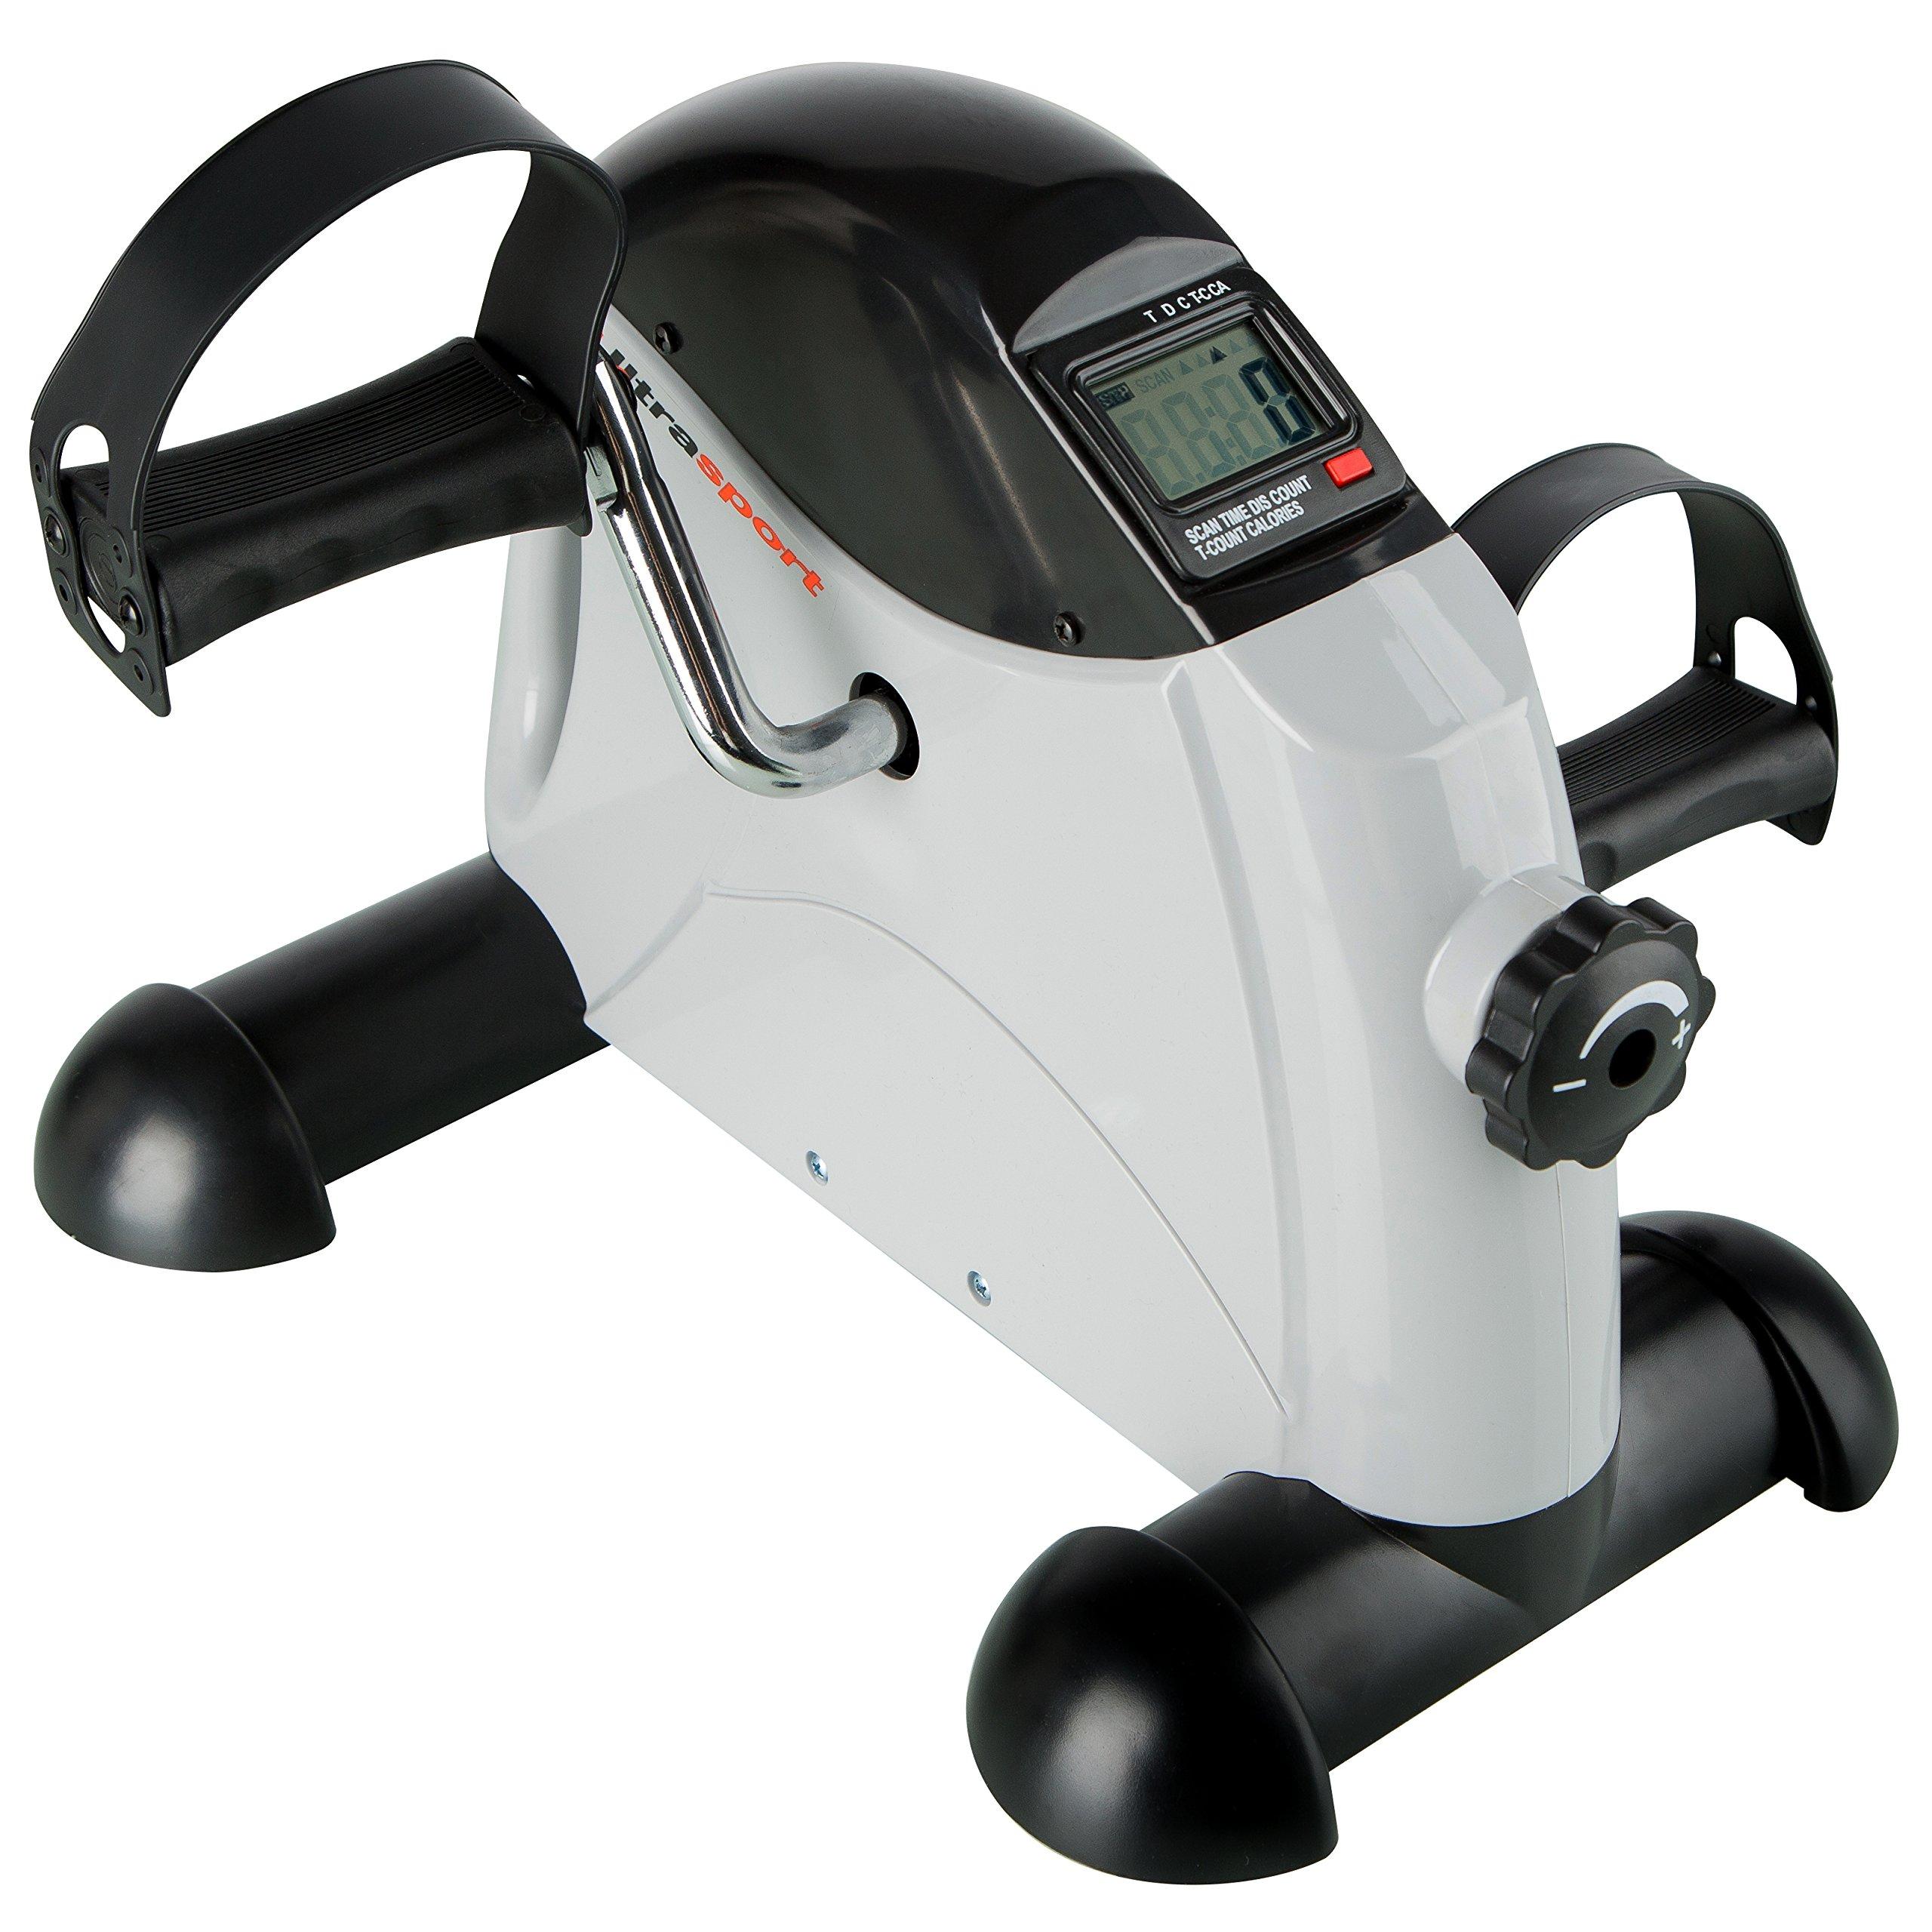 Mini-Bike Heimtrainer Pedaltrainer Bewegungstrainer Arm und Beintrainer mit LCD-Monitor Einstellbarer Widerstand Zuhause f/ür Senioren und Junge Schwarz